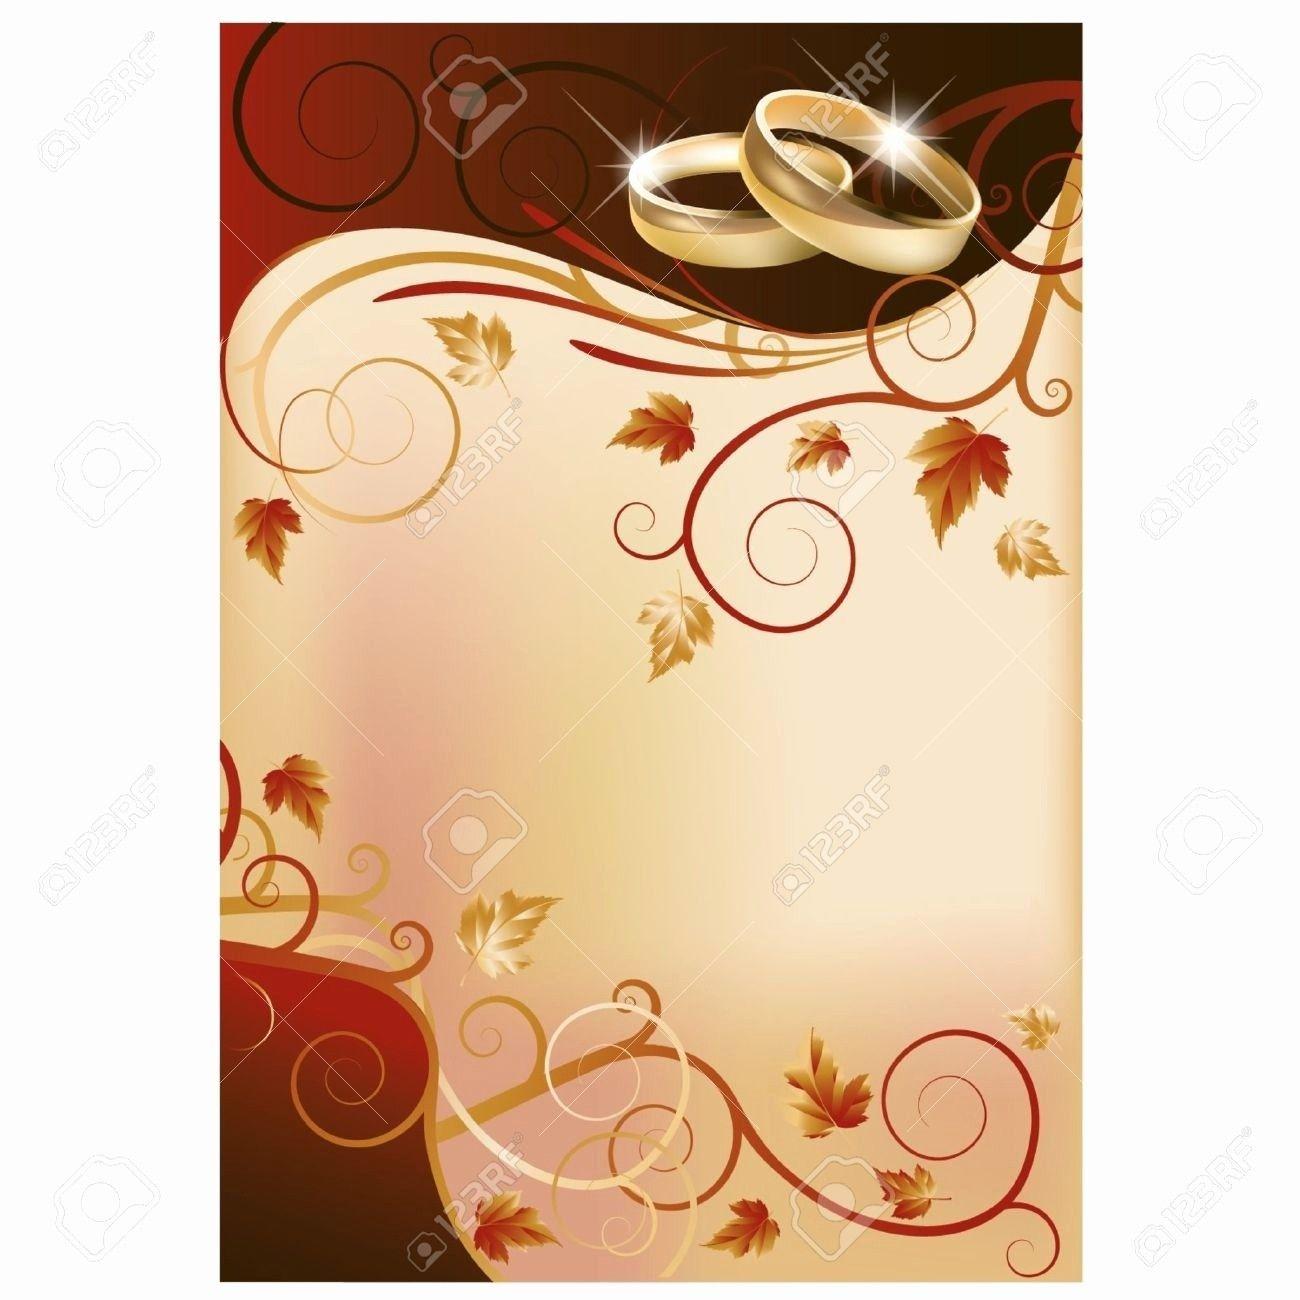 Ideas Blank Wedding Invitation Cards In Hd Image Pictur Ideas Blank Wedding Inv In 2020 Blank Wedding Invitations Engagement Invitation Cards Wedding Invitation Cards